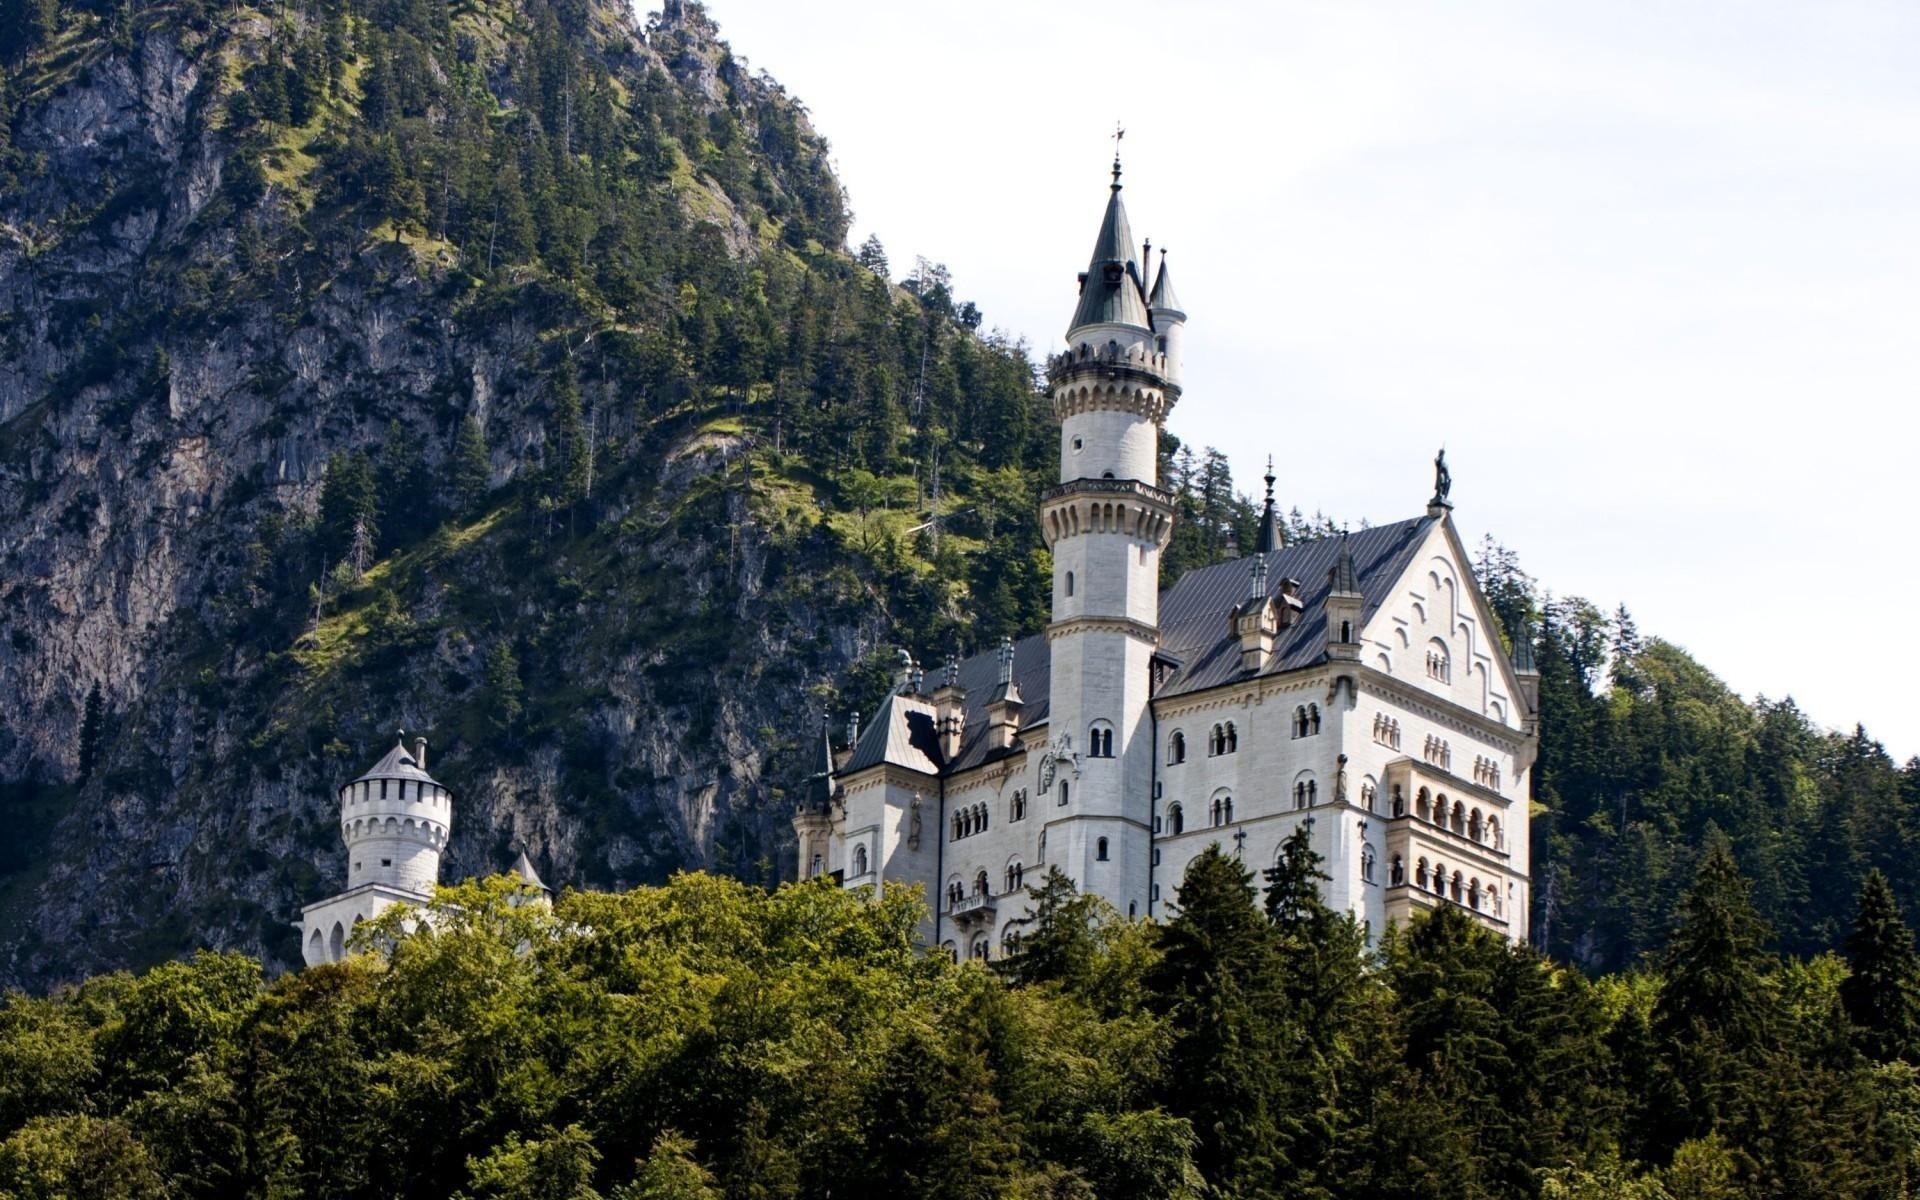 германия, природа, горы, бавария, замок, лес, небо,